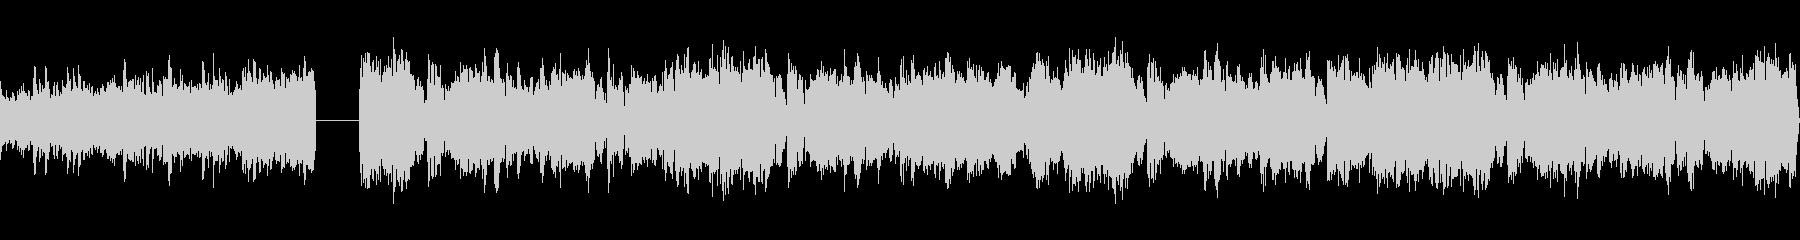 eスポーツ大会EDM メロディック30秒の未再生の波形